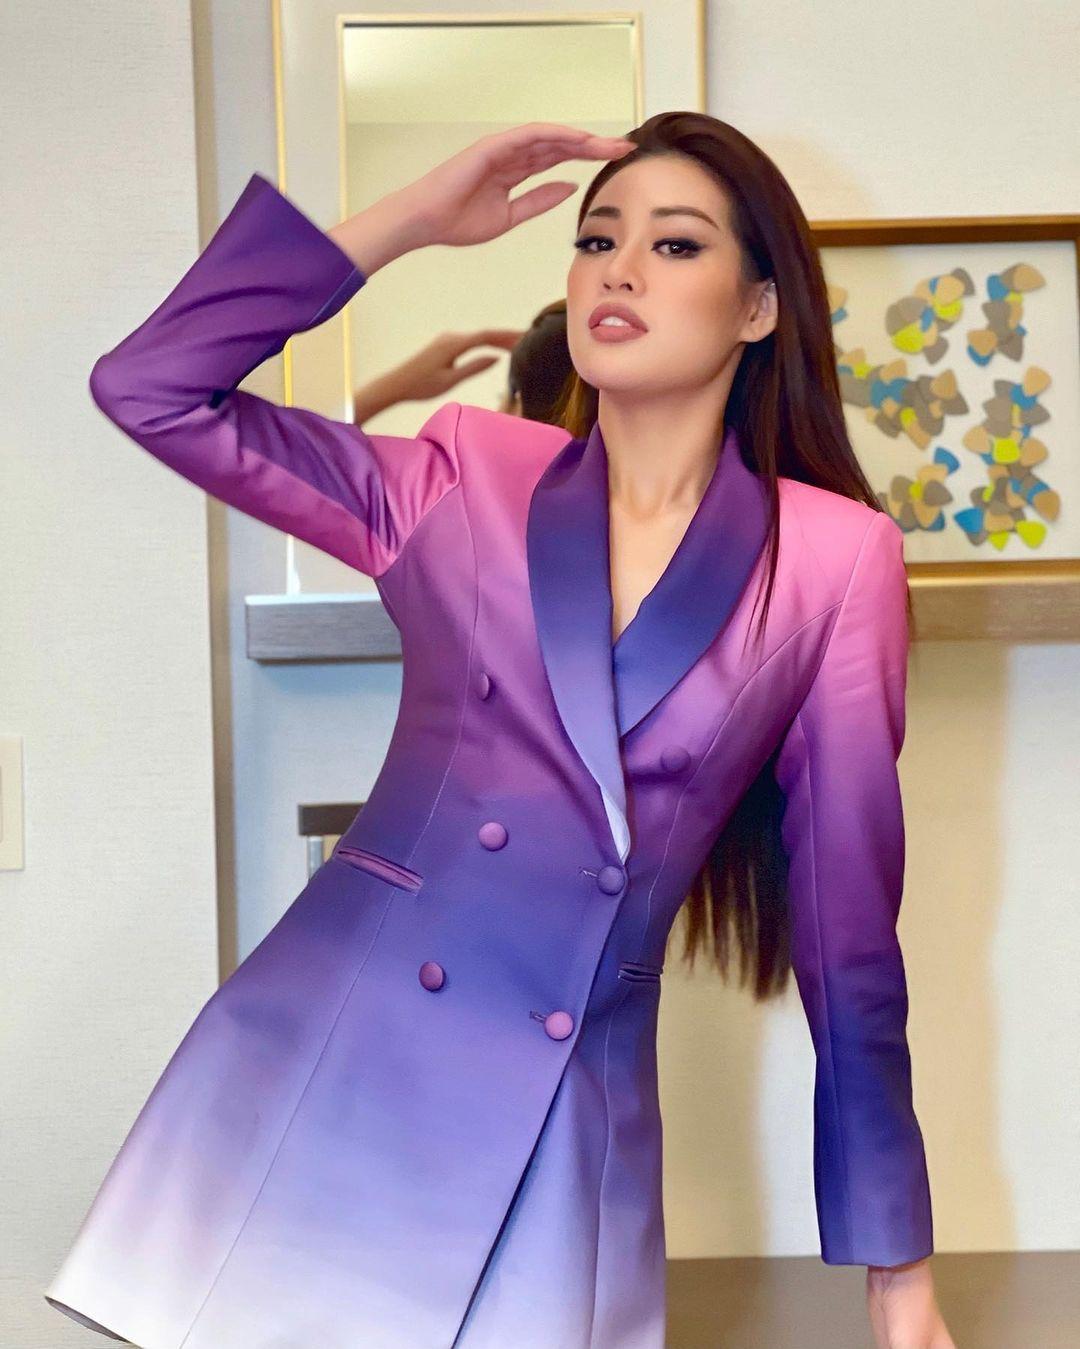 Netizen xỉu ngang với số outfit của Khánh Vân: 5 ngày mặc 8 set đẹp đỉnh, định san phẳng Miss Universe luôn hay gì? - Ảnh 8.